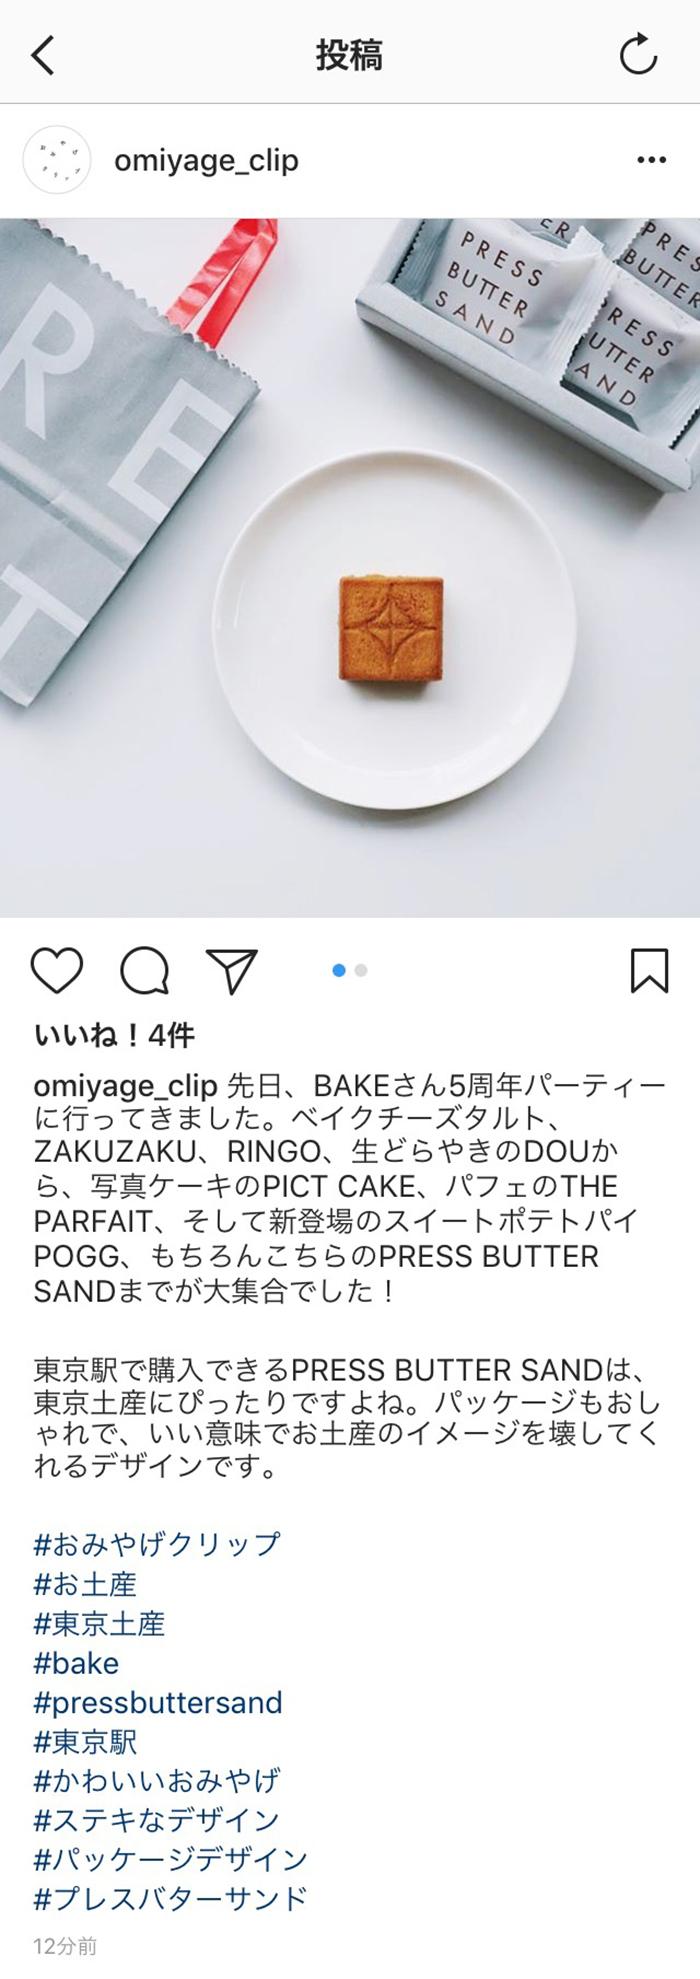 kaigyo_toukou